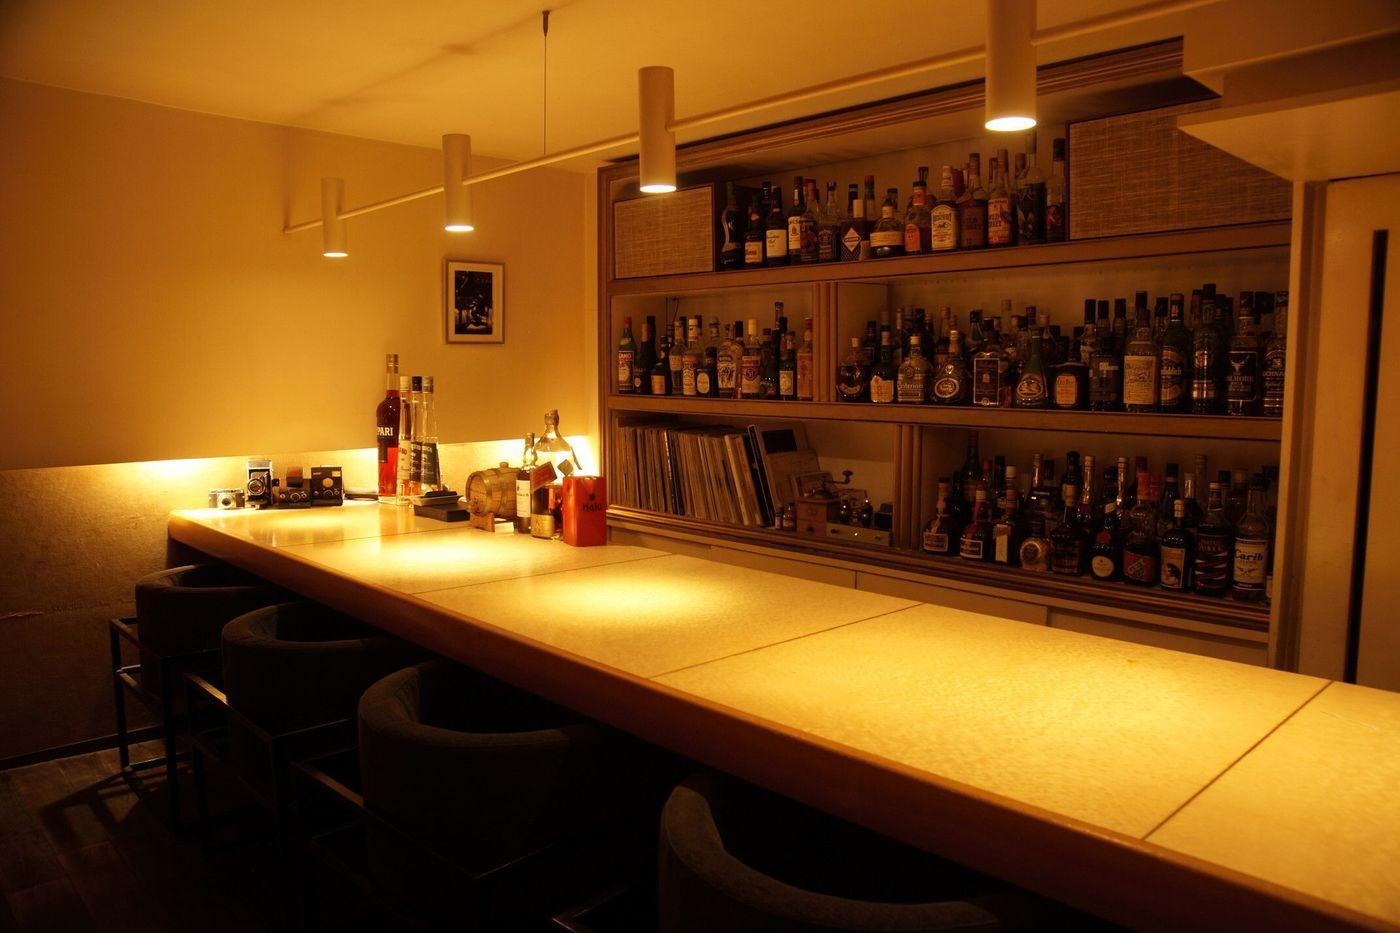 【新宿御苑前駅周辺】新宿でも落ち着いて飲めるおすすめ居酒屋7選の画像